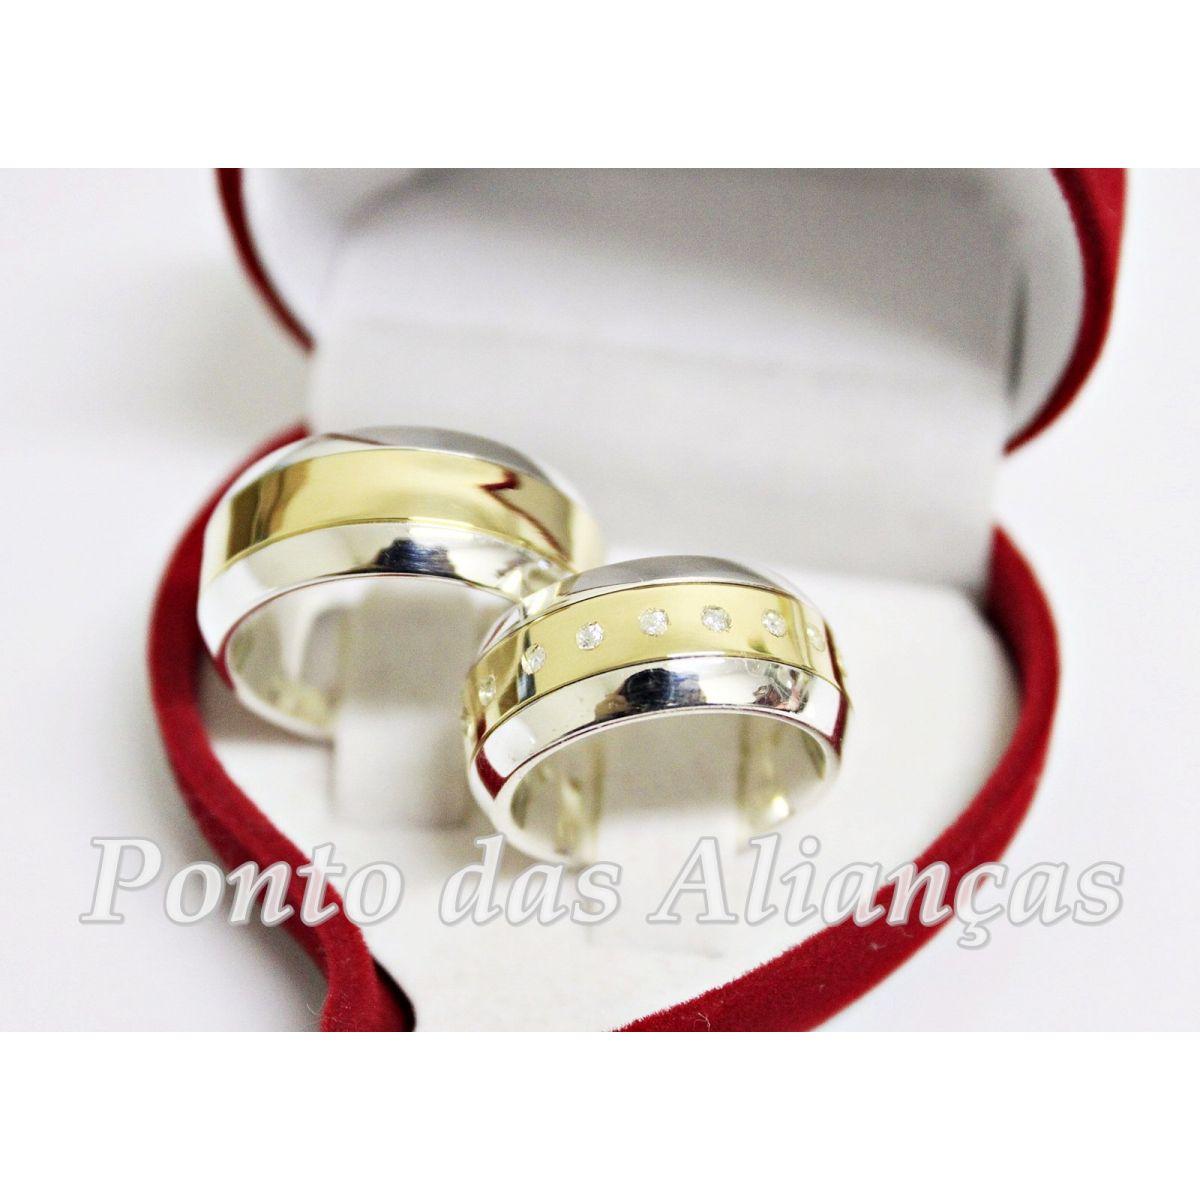 Alianças de Ouro e Prata  Casamento ou Noivado - 3030